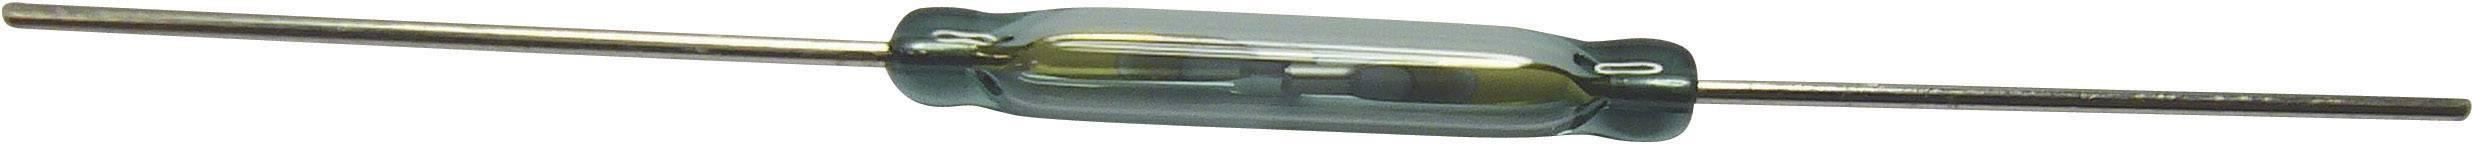 Jazýčkový kontakt Hamlin FLEX-14, 200 V/DC, 10 W, 0,5 A